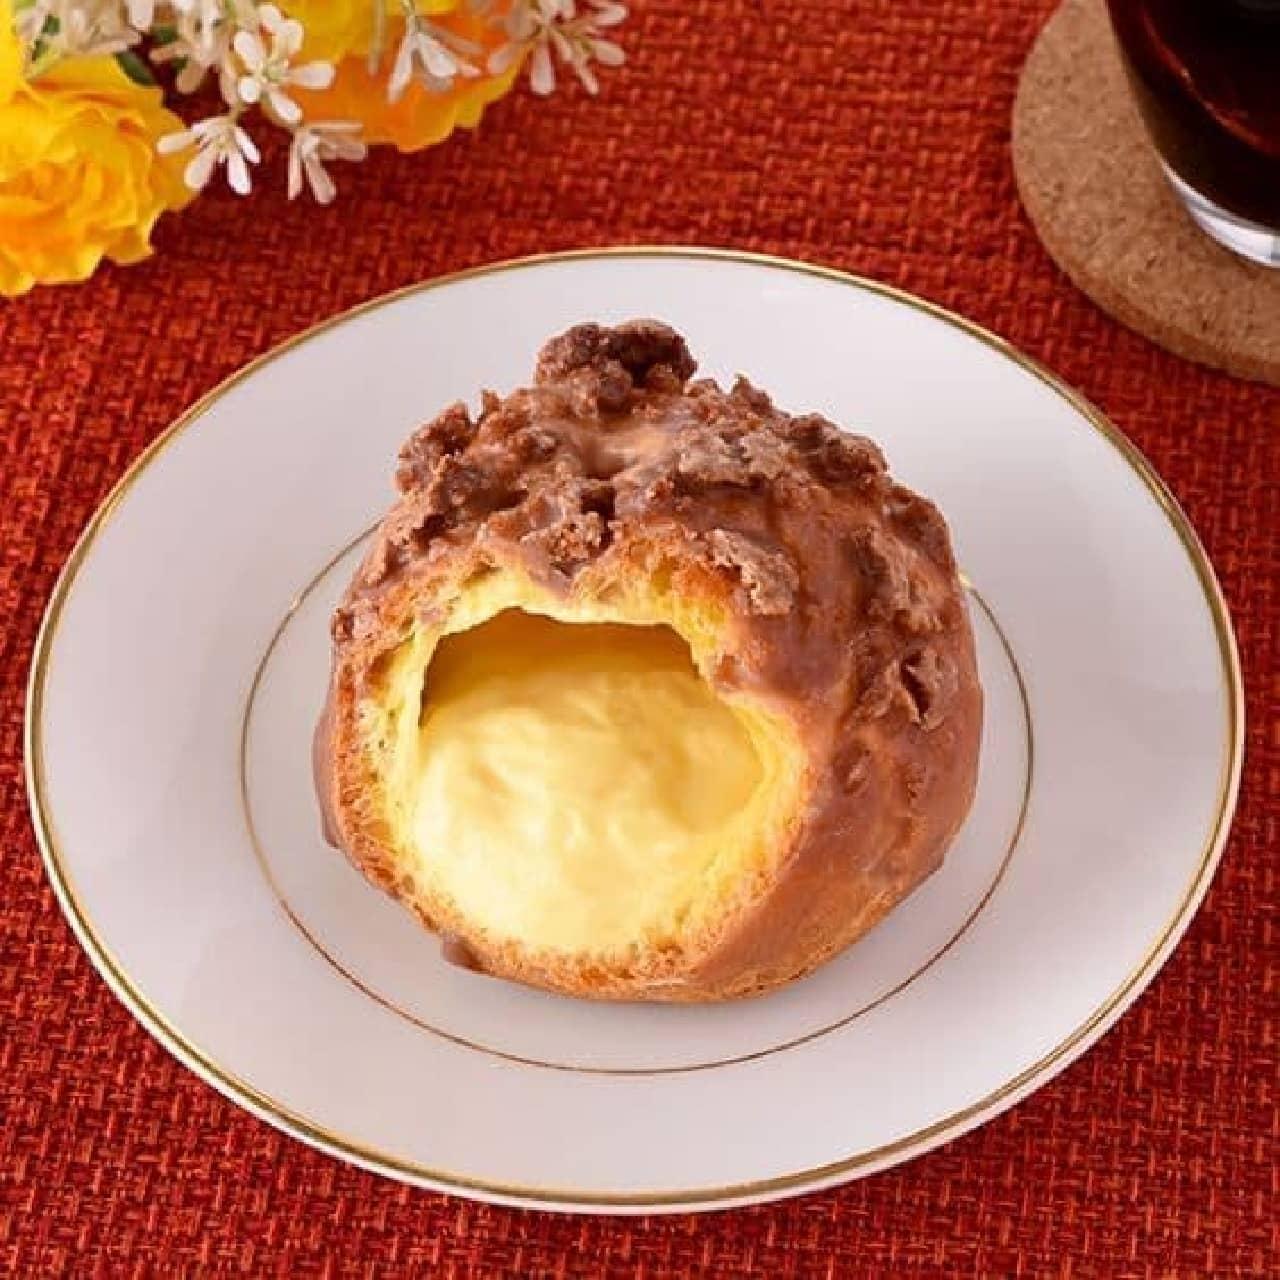 ファミリーマート「香ばし生地のクッキーシュー」